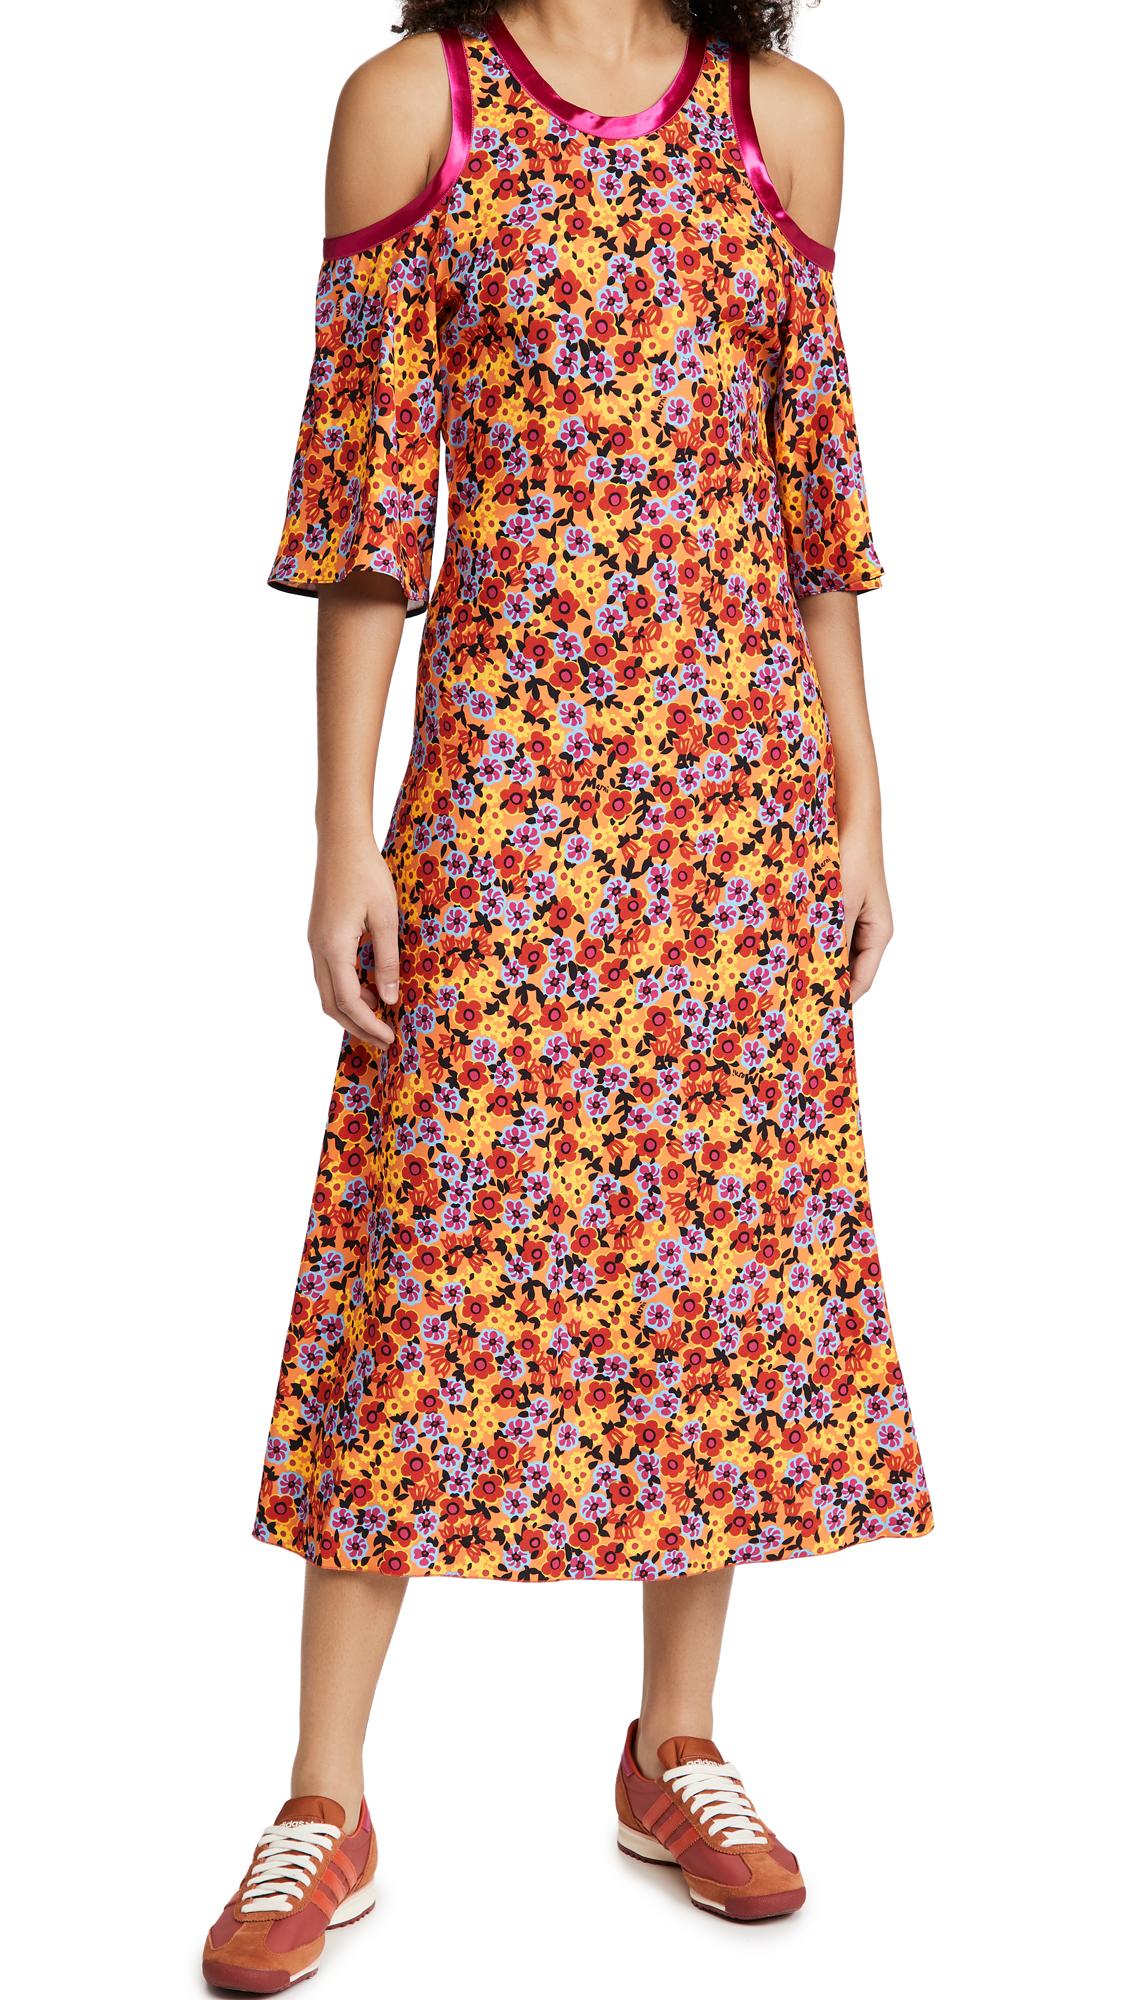 Marni FLORAL COLD SHOULDER DRESS